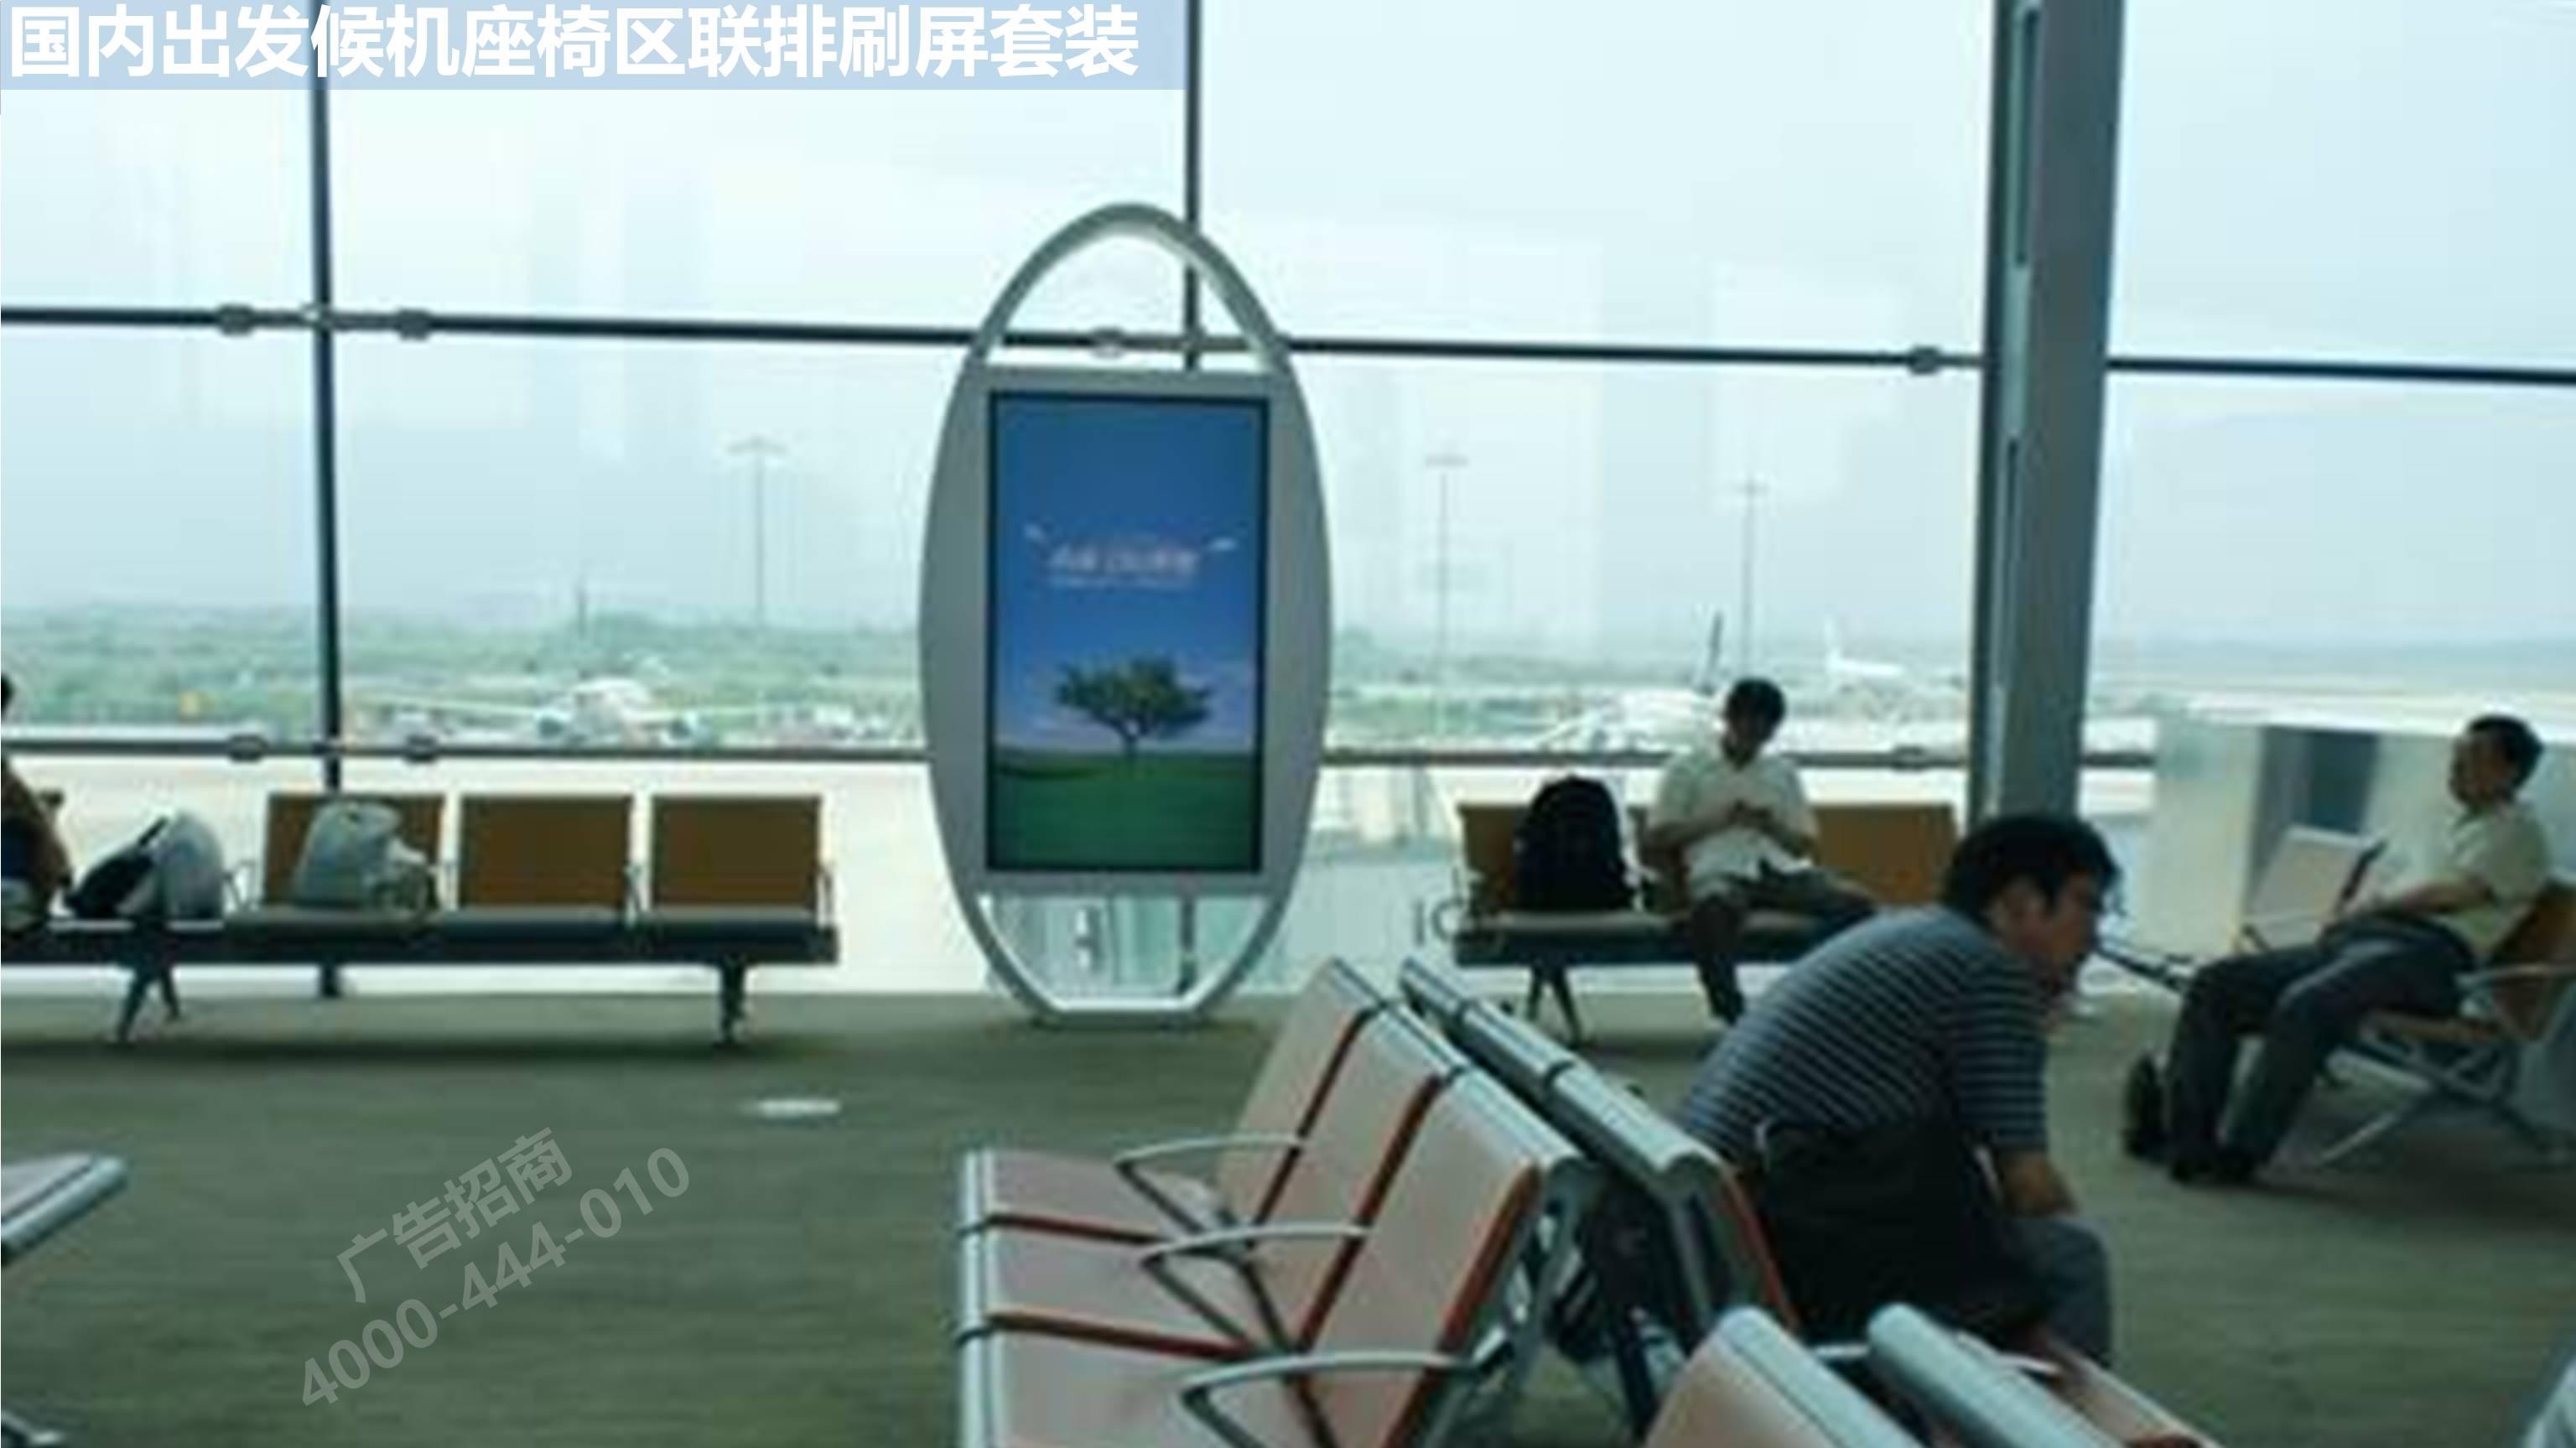 广州机场广告座椅区刷屏